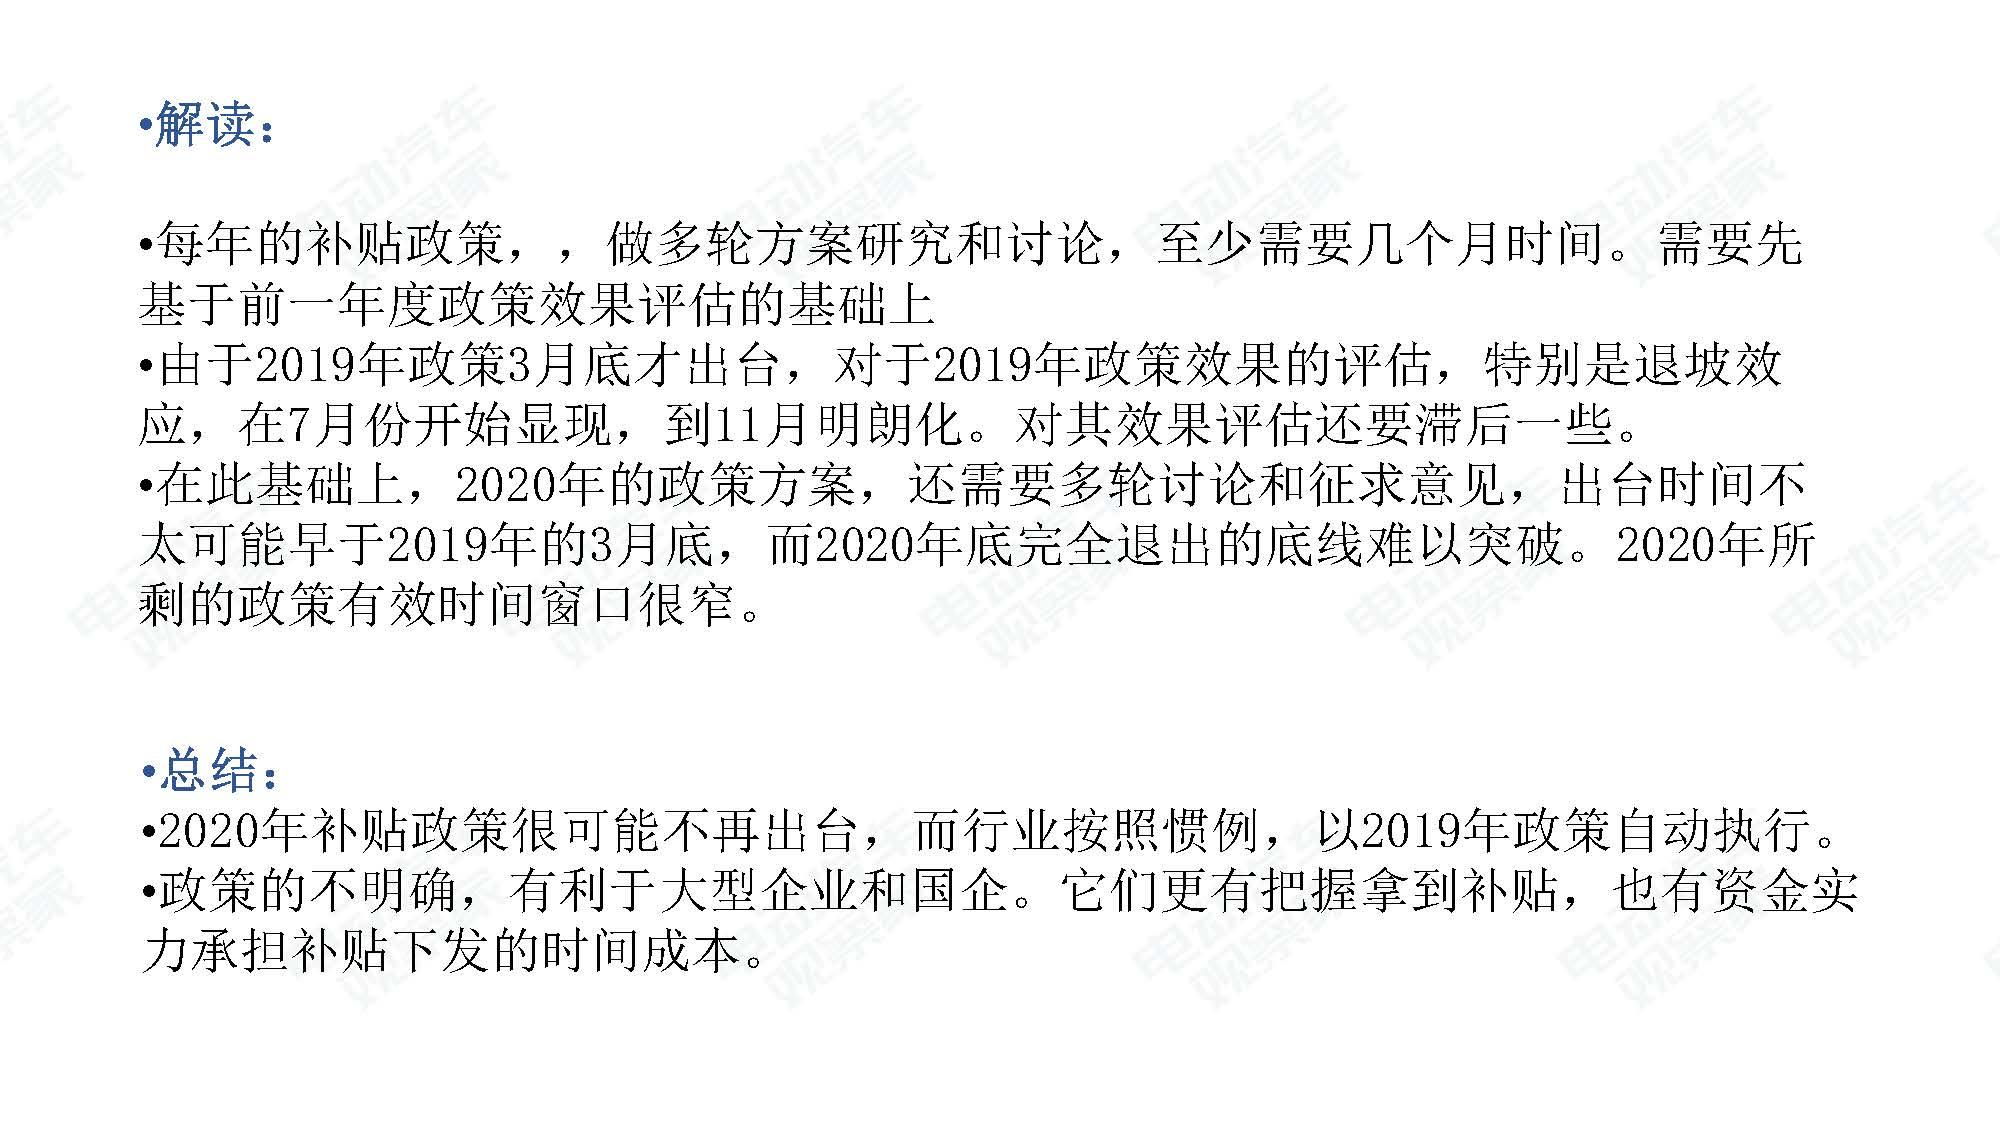 2019年11月中国新能源汽车产业观察_页面_111